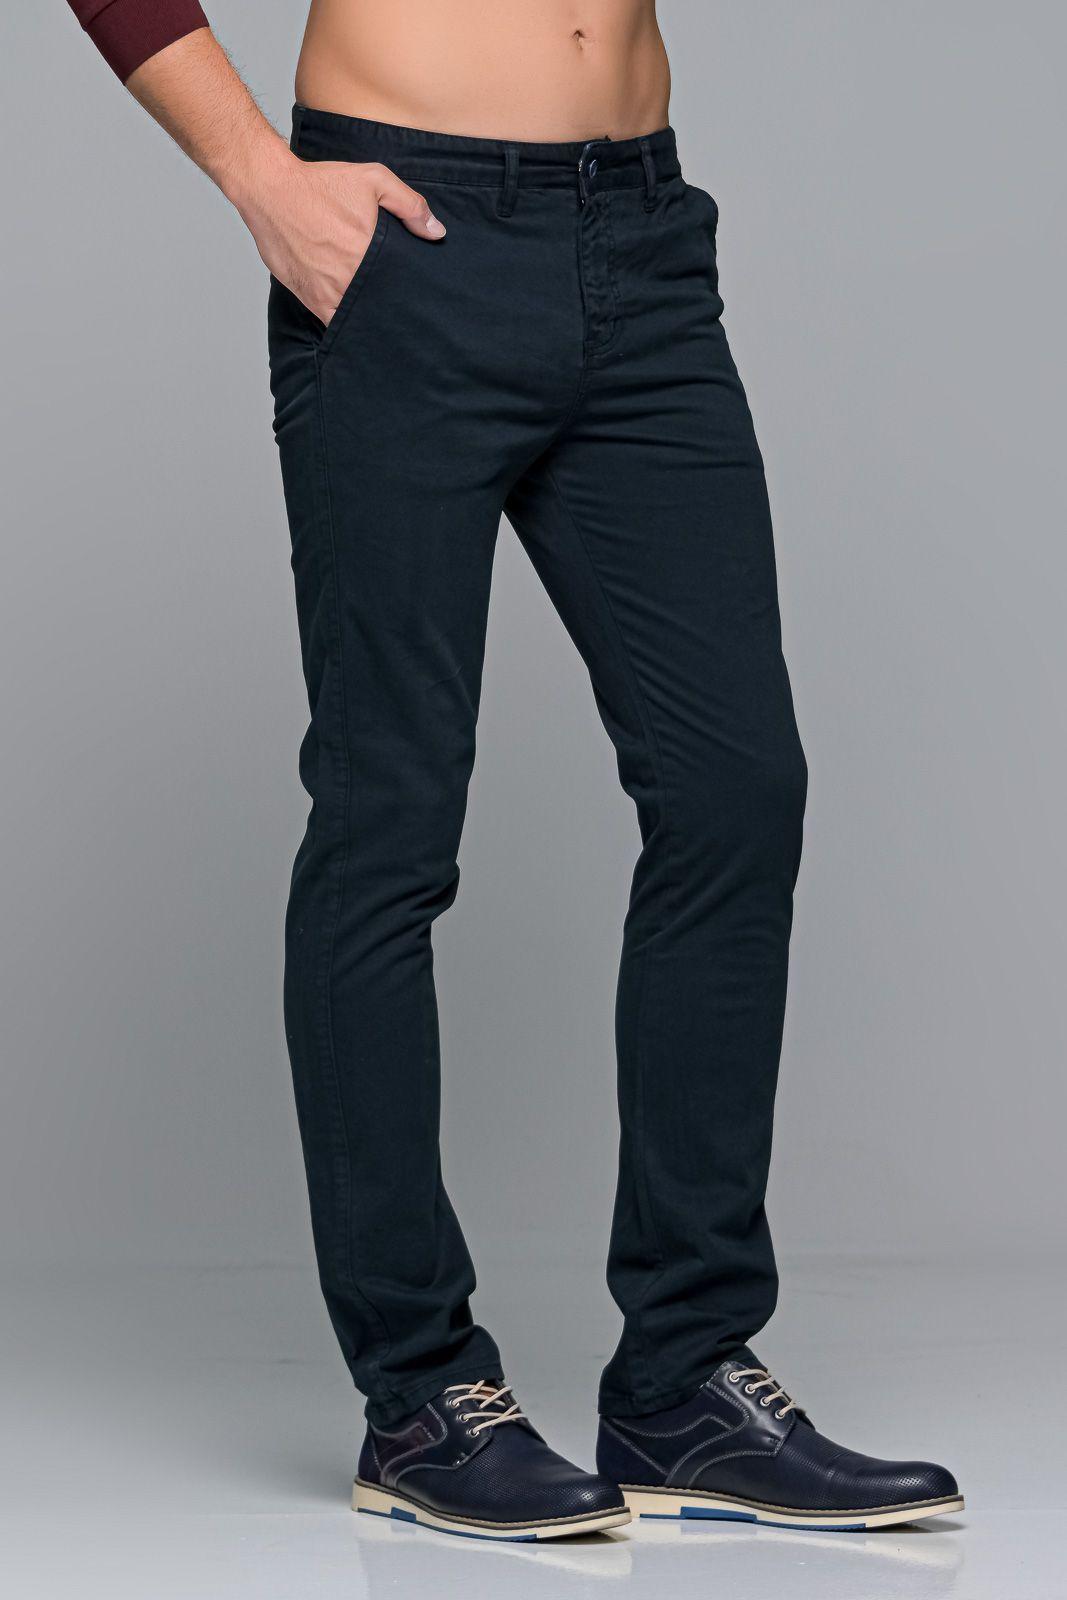 Μπλε navy ανδρικό παντελόνι chino υφασμάτινο MASSARO - Slim fit